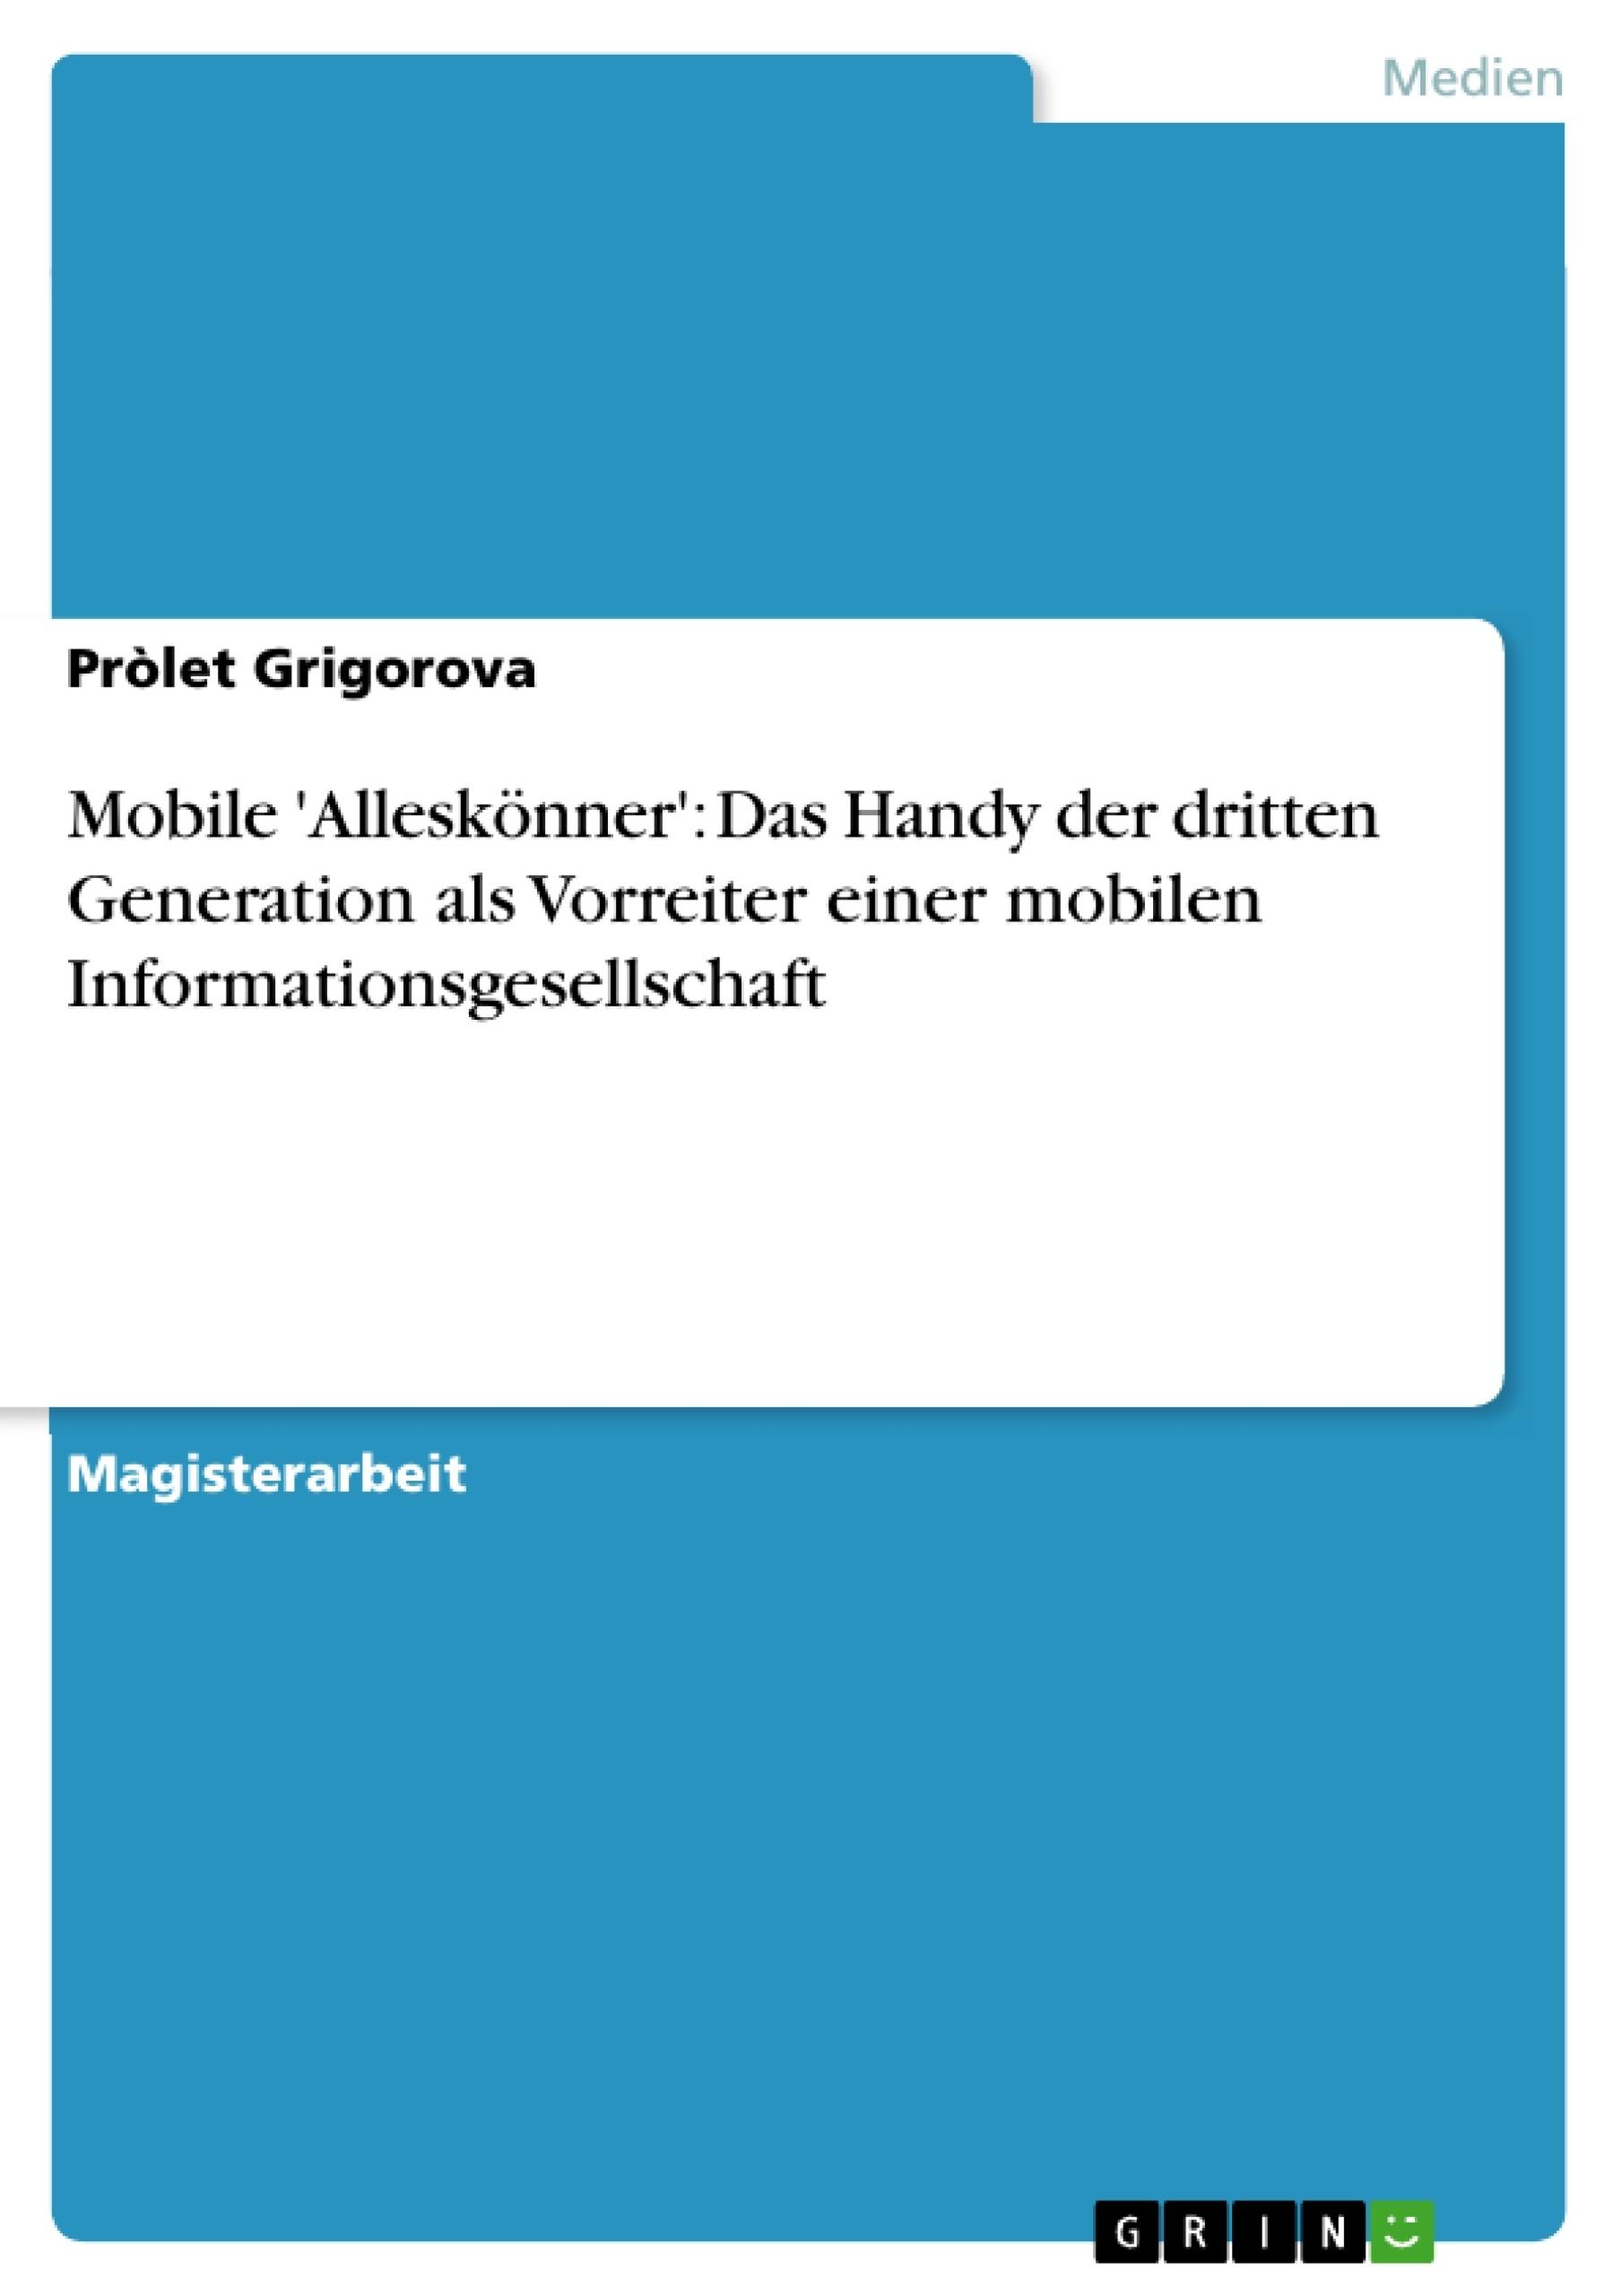 Titel: Mobile 'Alleskönner': Das Handy der dritten Generation als Vorreiter einer mobilen Informationsgesellschaft